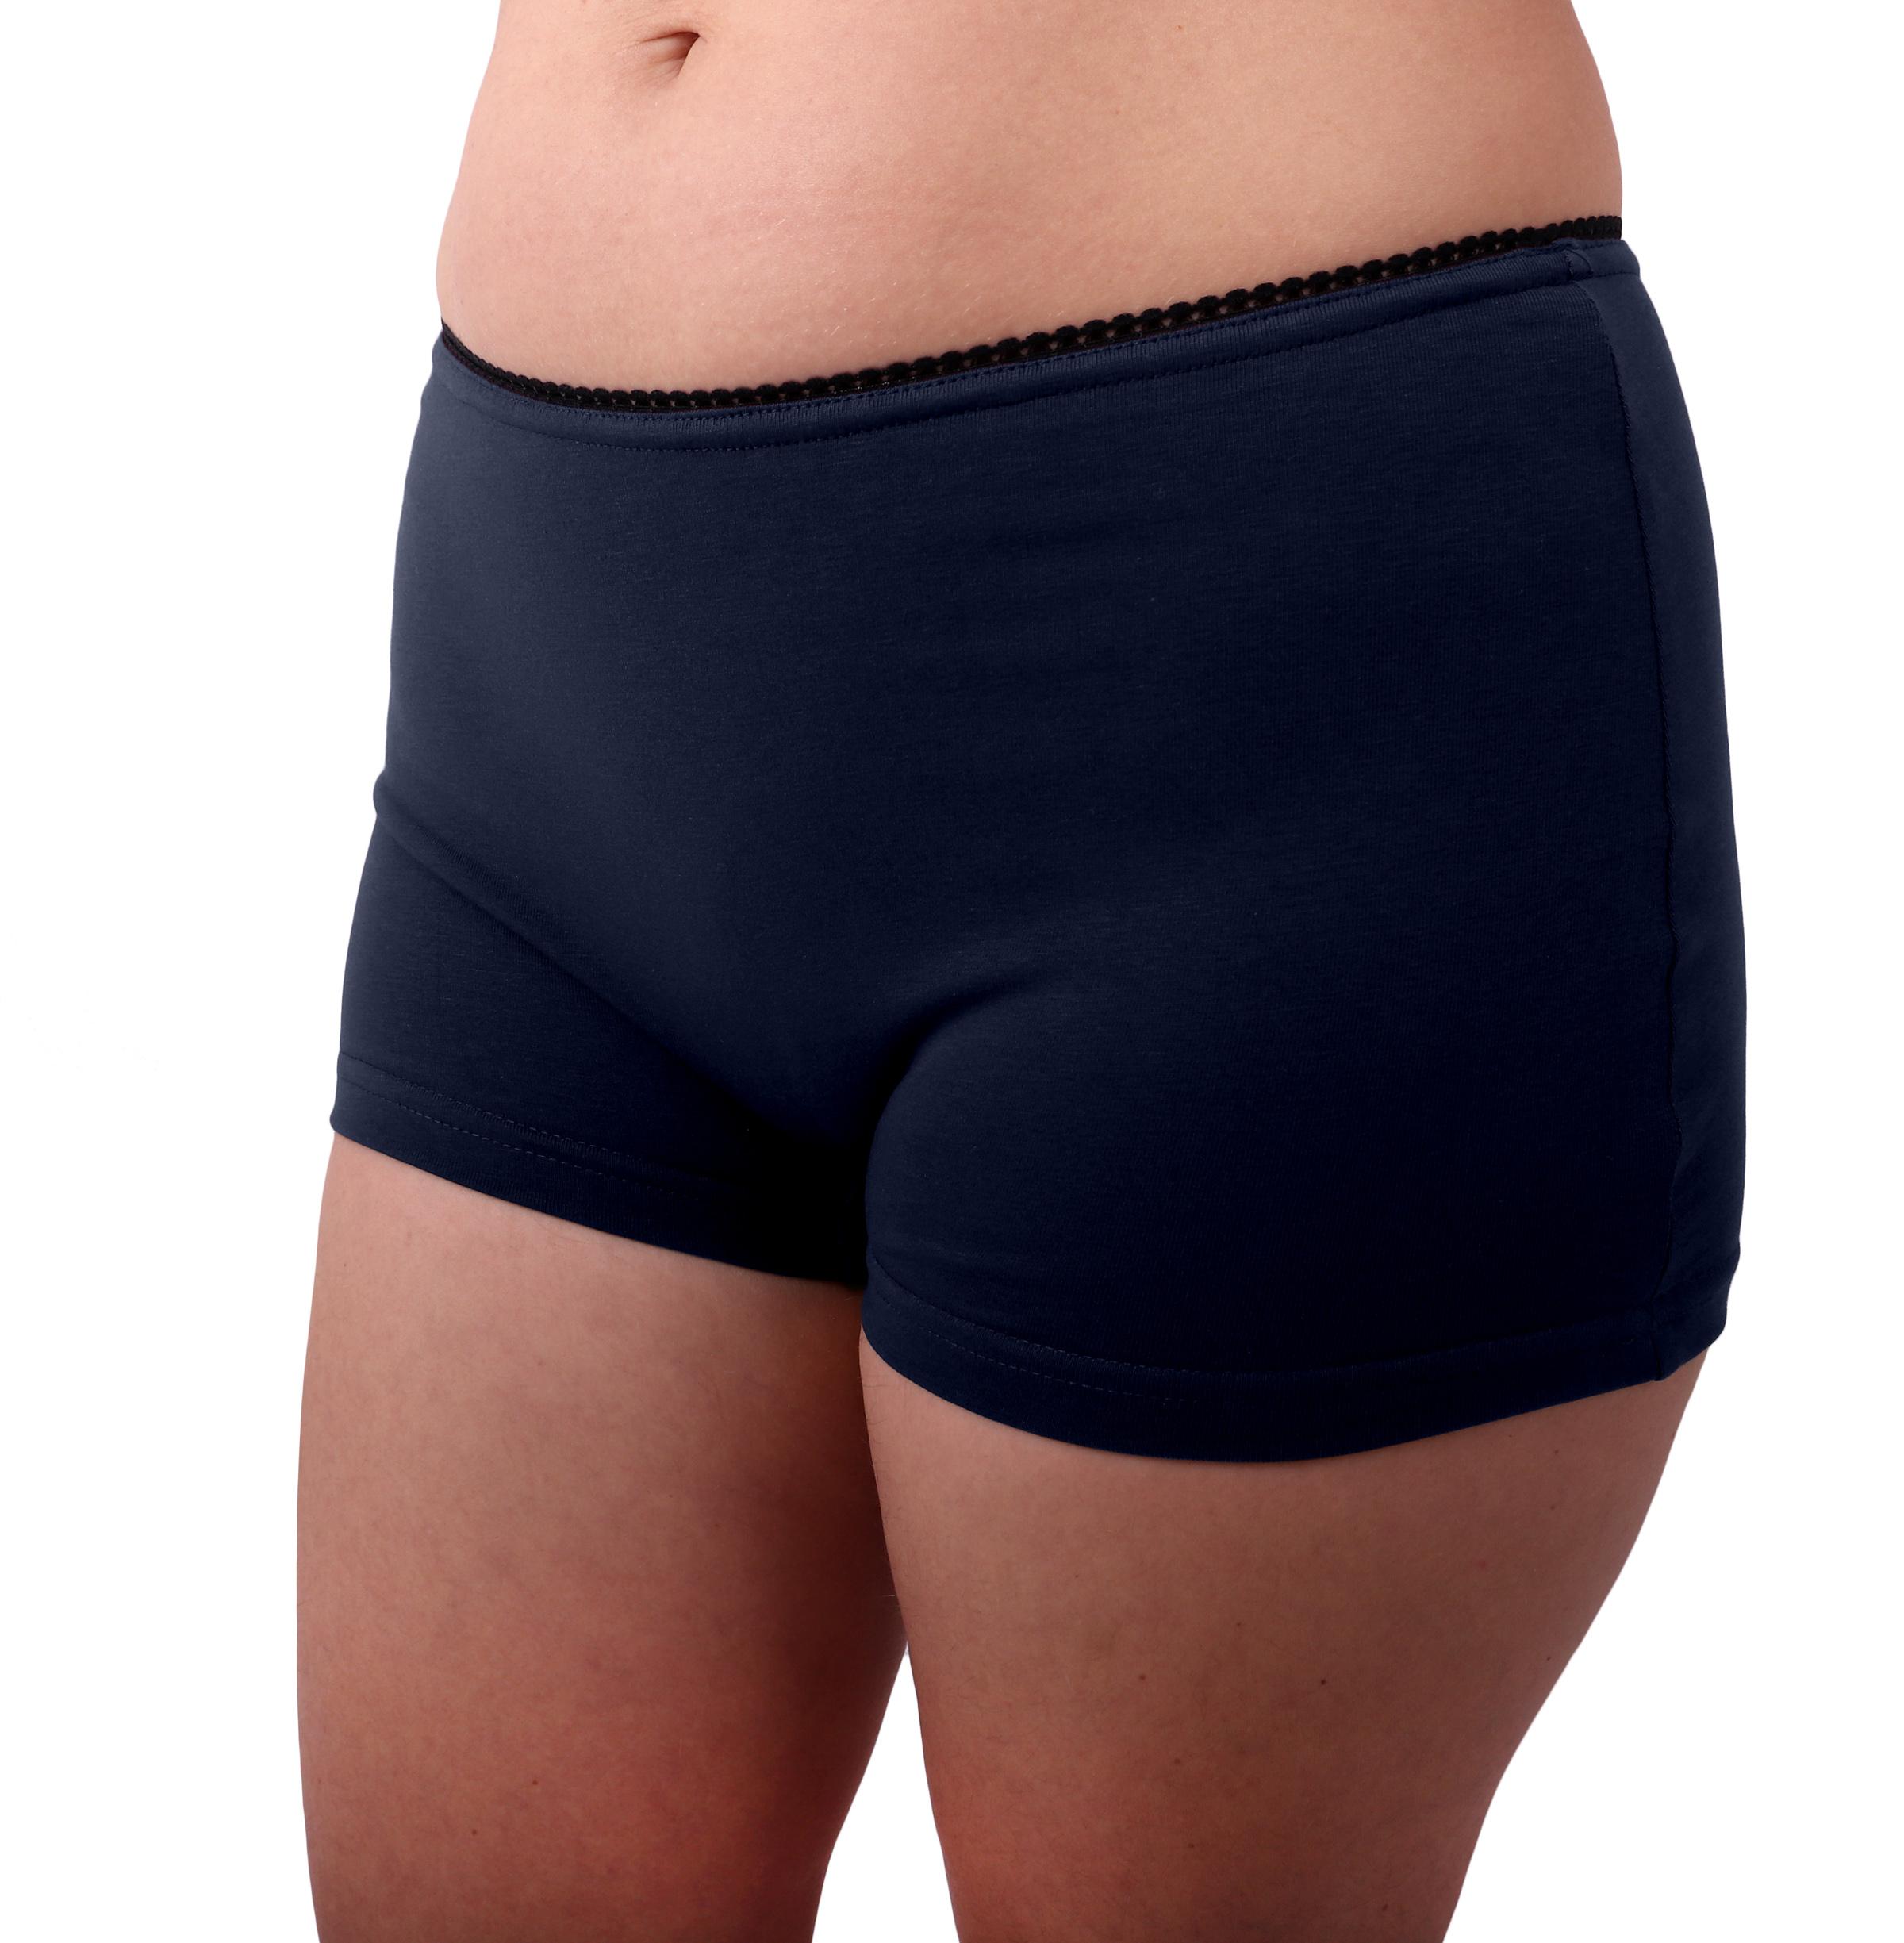 Dámské kalhotky bavlněné, nohavičkové, tmavě modré, 44